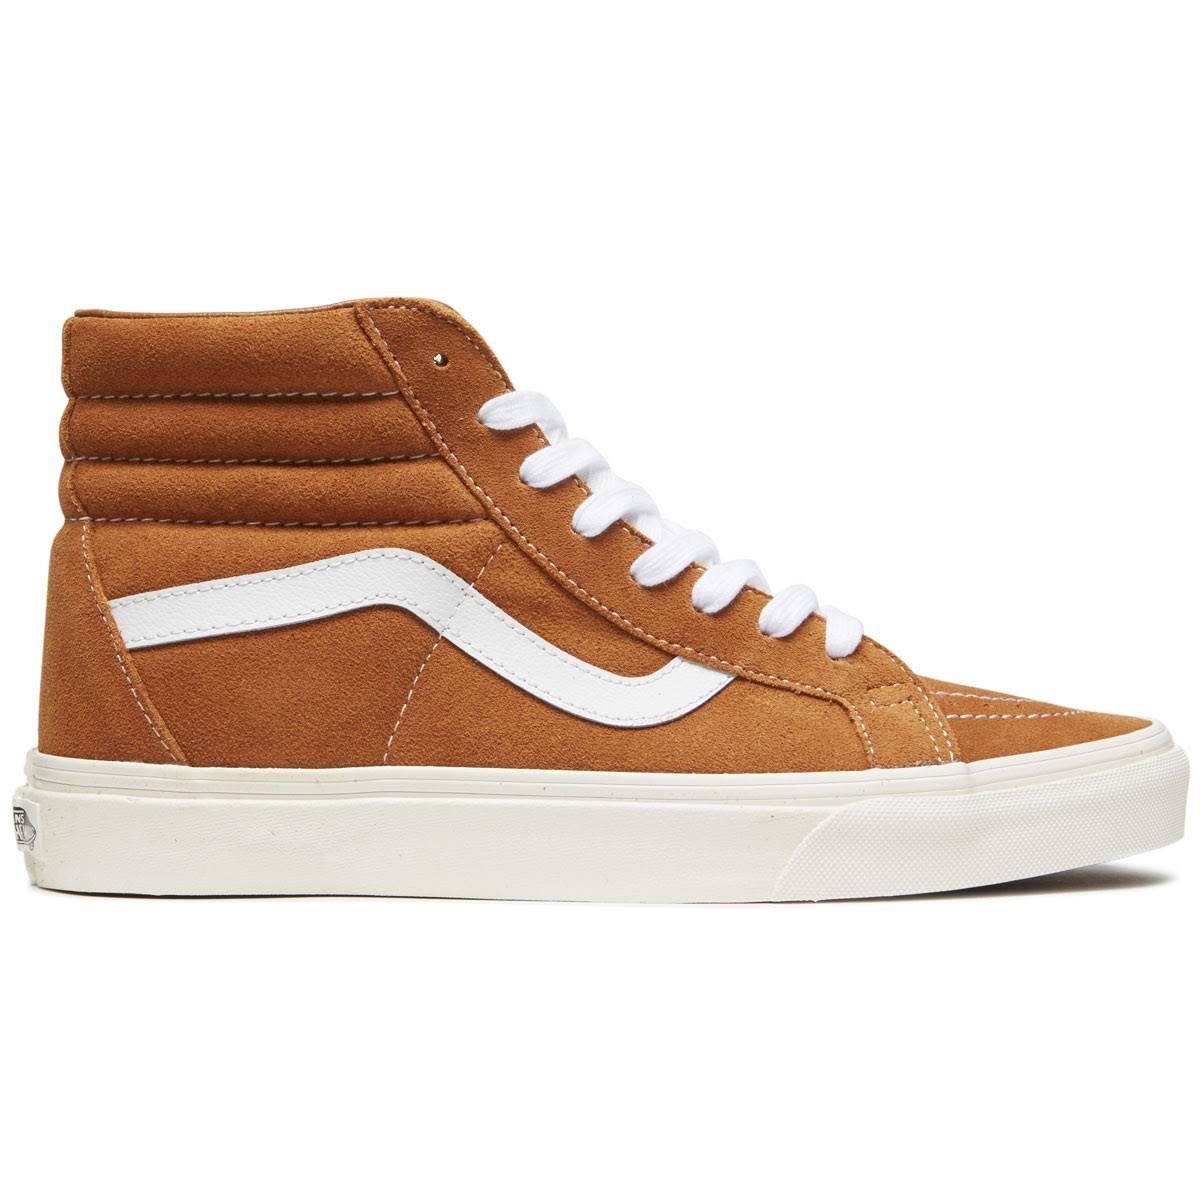 Retro 5 Ginger hi Unisex Sk8 10 Vans 9 Glaze Ringer Reissue Glazed Men Sport Women Sneaker qUZ5ZcTxg7